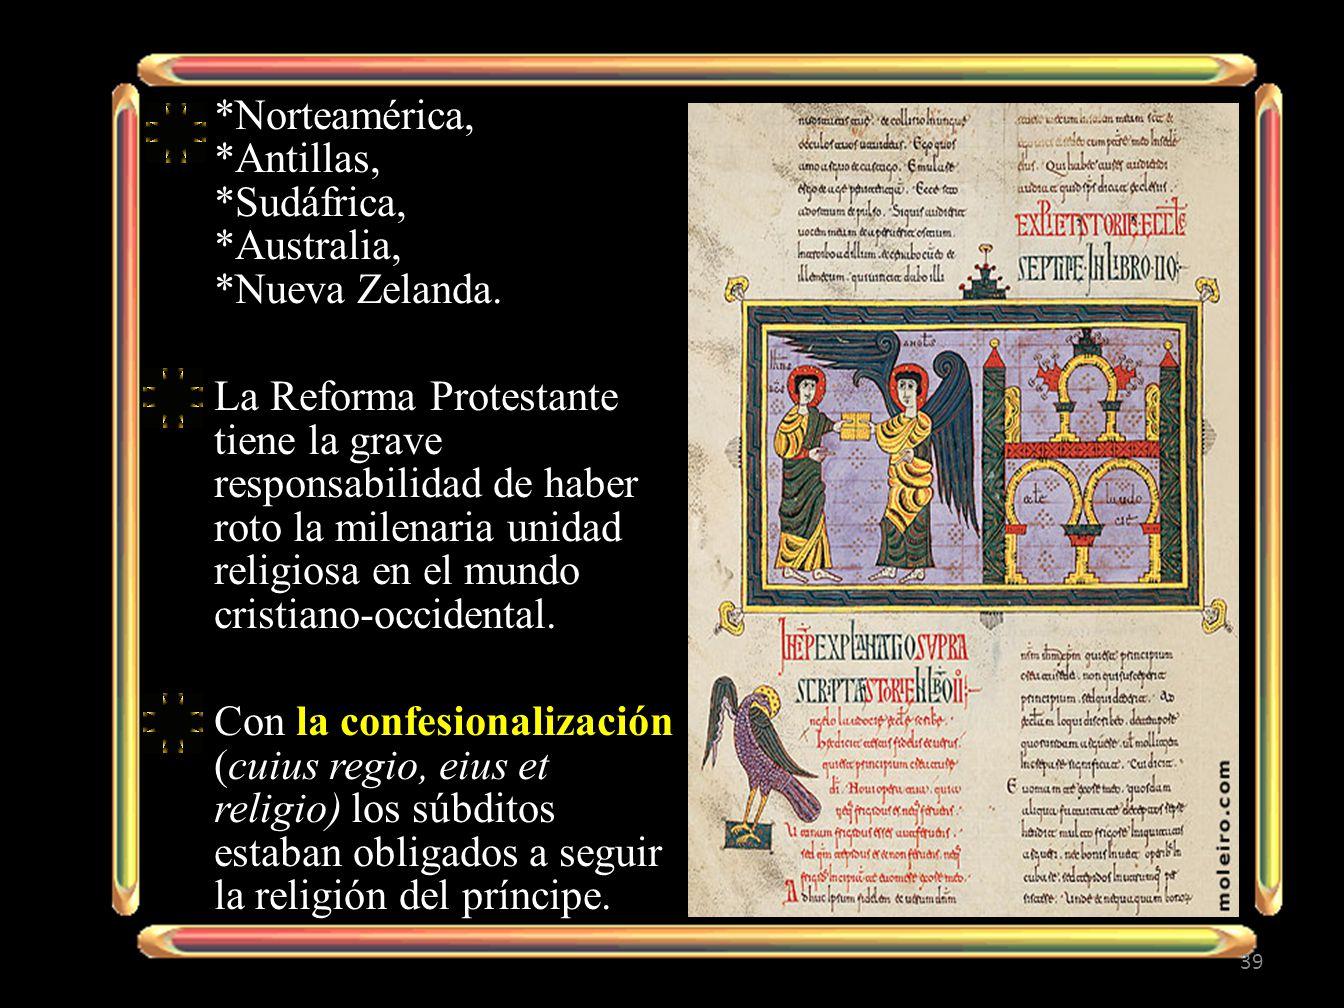 *Norteamérica, *Antillas, *Sudáfrica, *Australia, *Nueva Zelanda. La Reforma Protestante tiene la grave responsabilidad de haber roto la milenaria uni